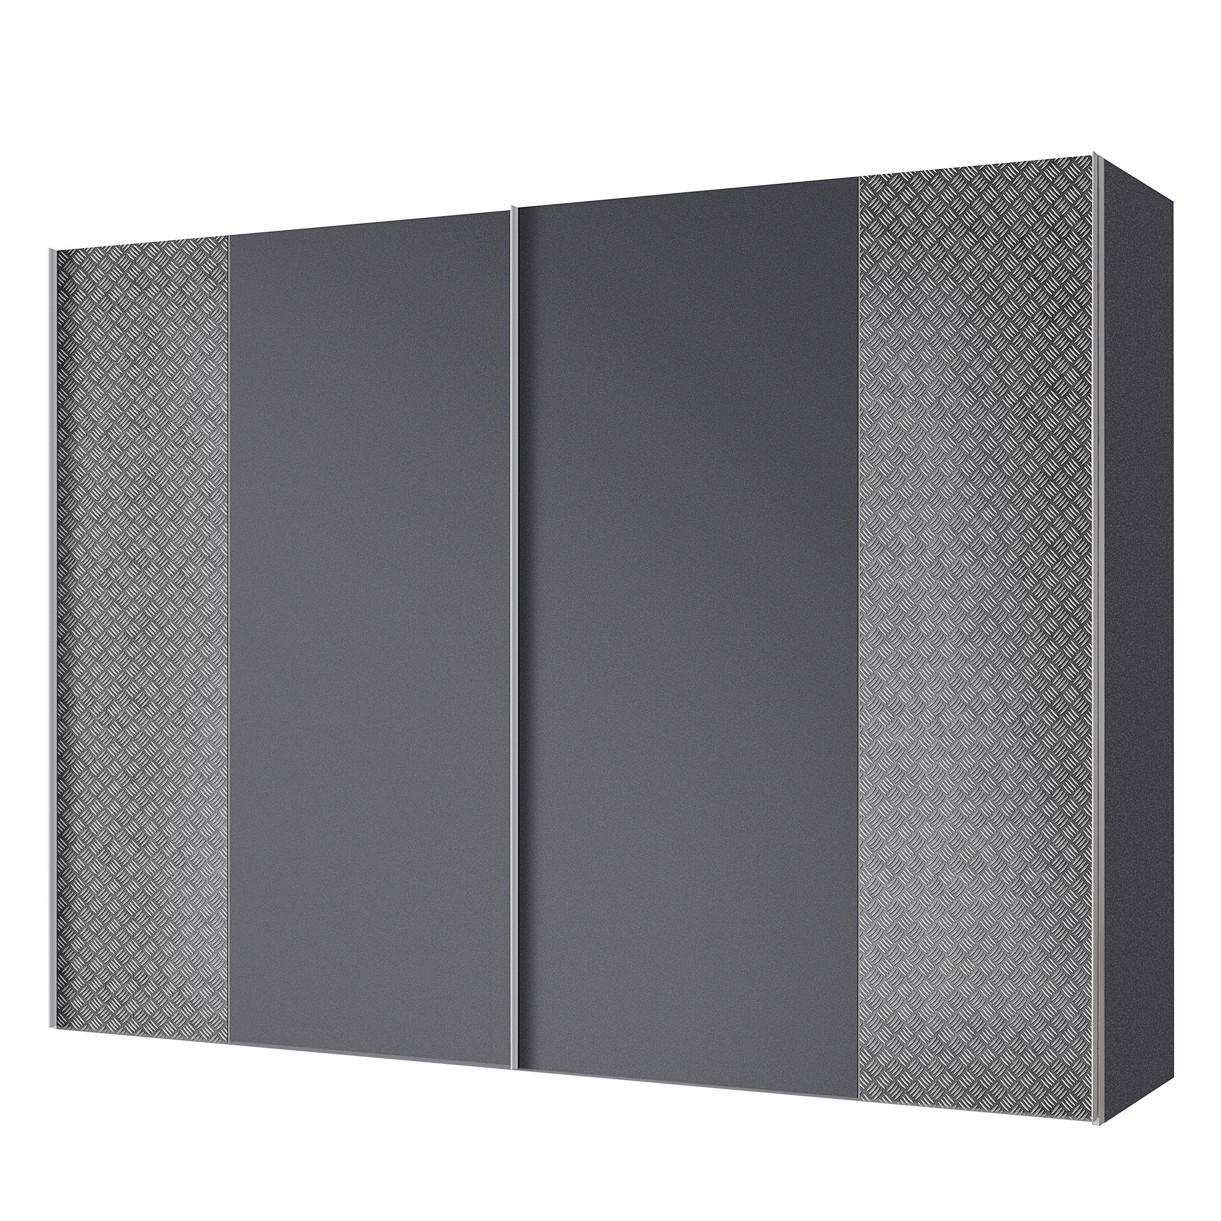 goedkoop Zweefdeurkast Cando Grijs Grafiet 250cm 2 deurs Express Mobel